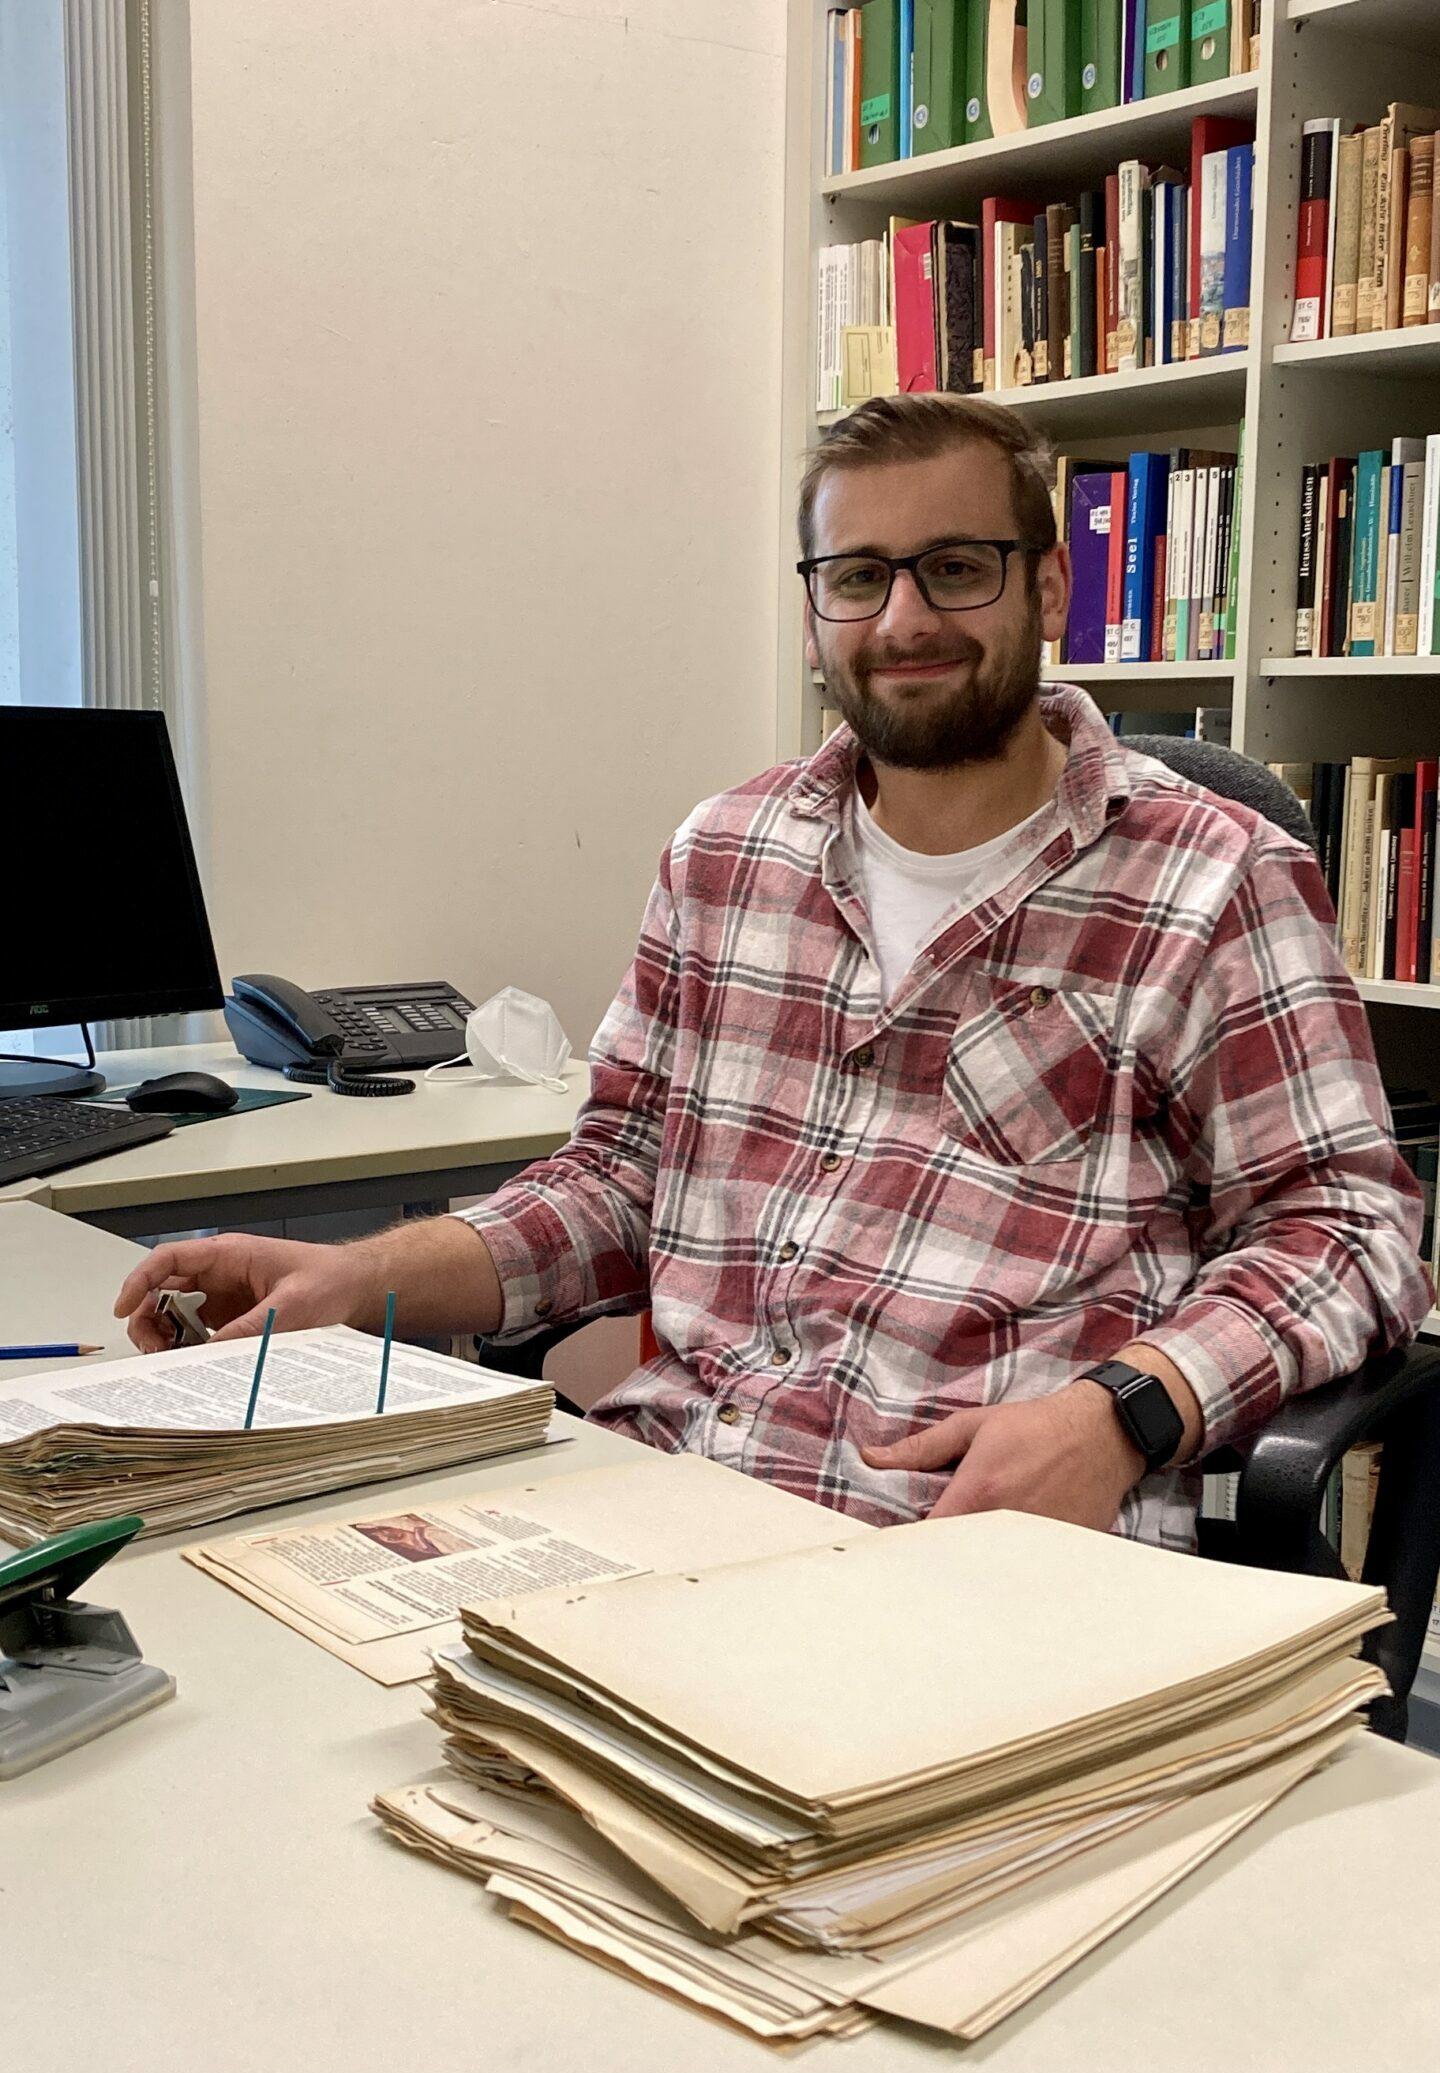 Ein Junger Mann mit Bart und kariertem Hemd sitzt an einem Schreibtisch, vor ihm eine Akte, die gerade umgebettet wird. Im Hintergrund ist ein gefülltes Bücherregal zu sehen.